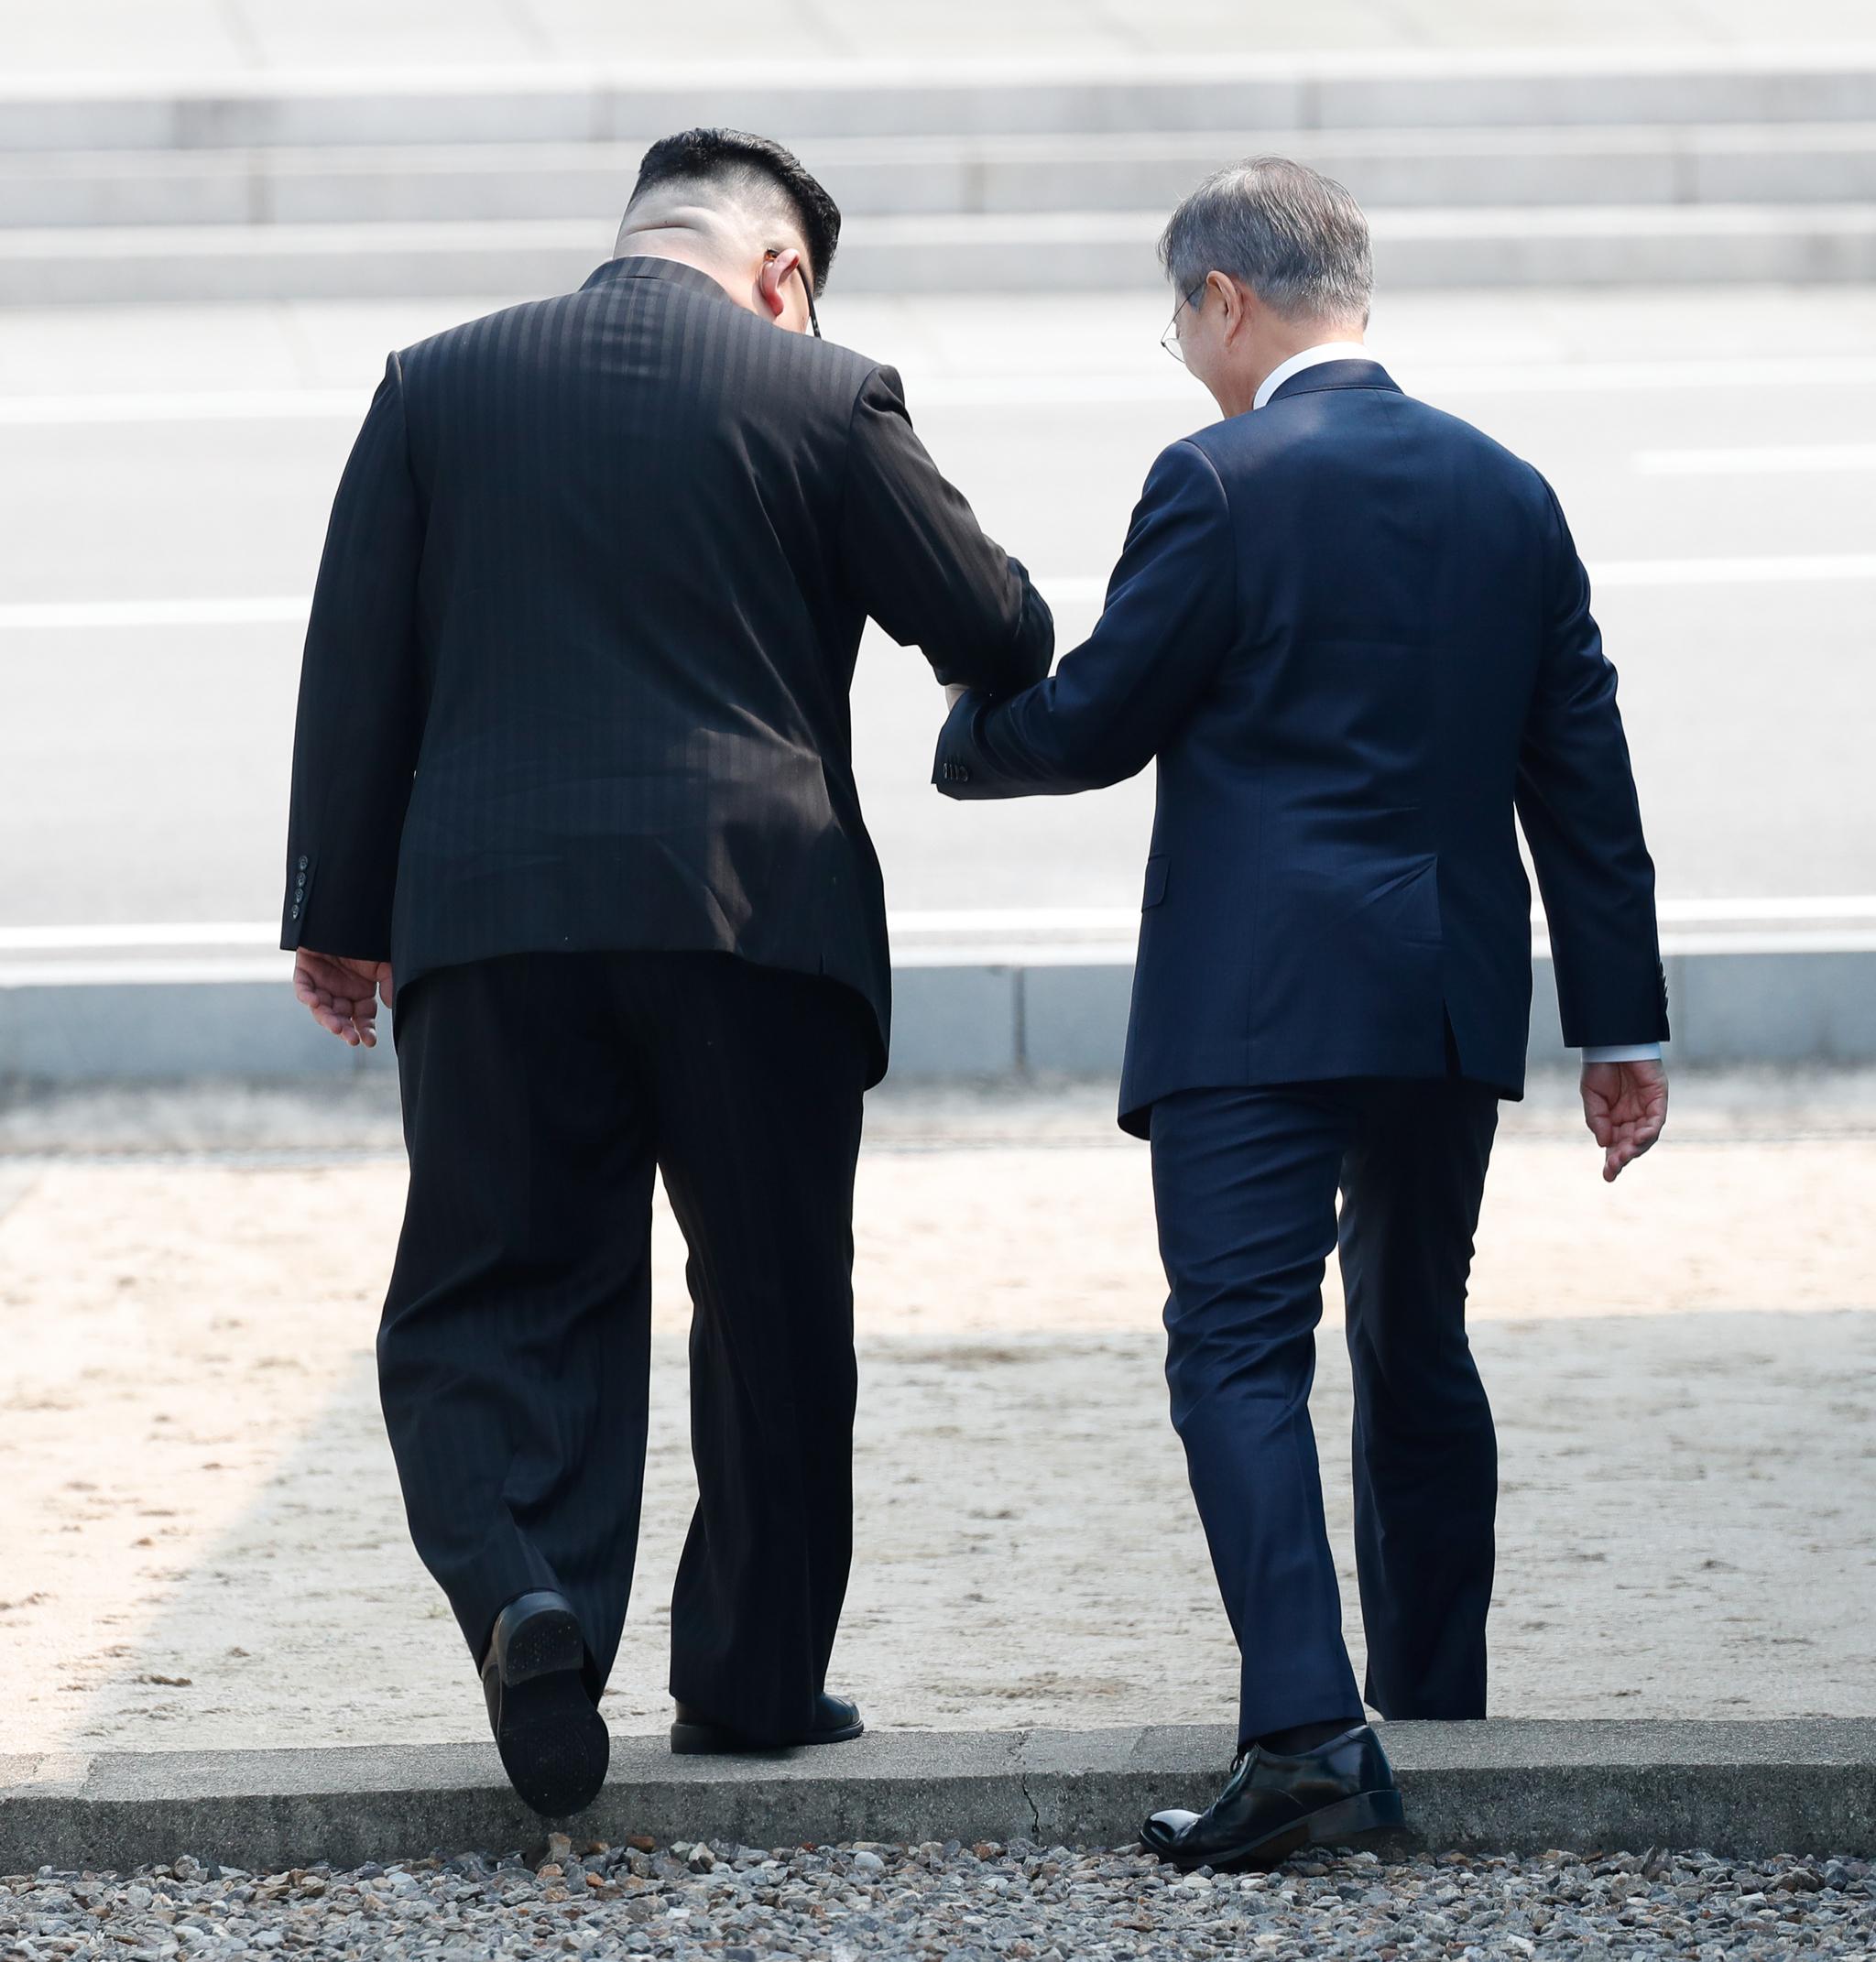 이 모습은 지난 2018 남북정상회담때 문재인 대통령과 김정은 북한 국무위원장의 모습을 떠올리게 했다. 청와대사진기자단